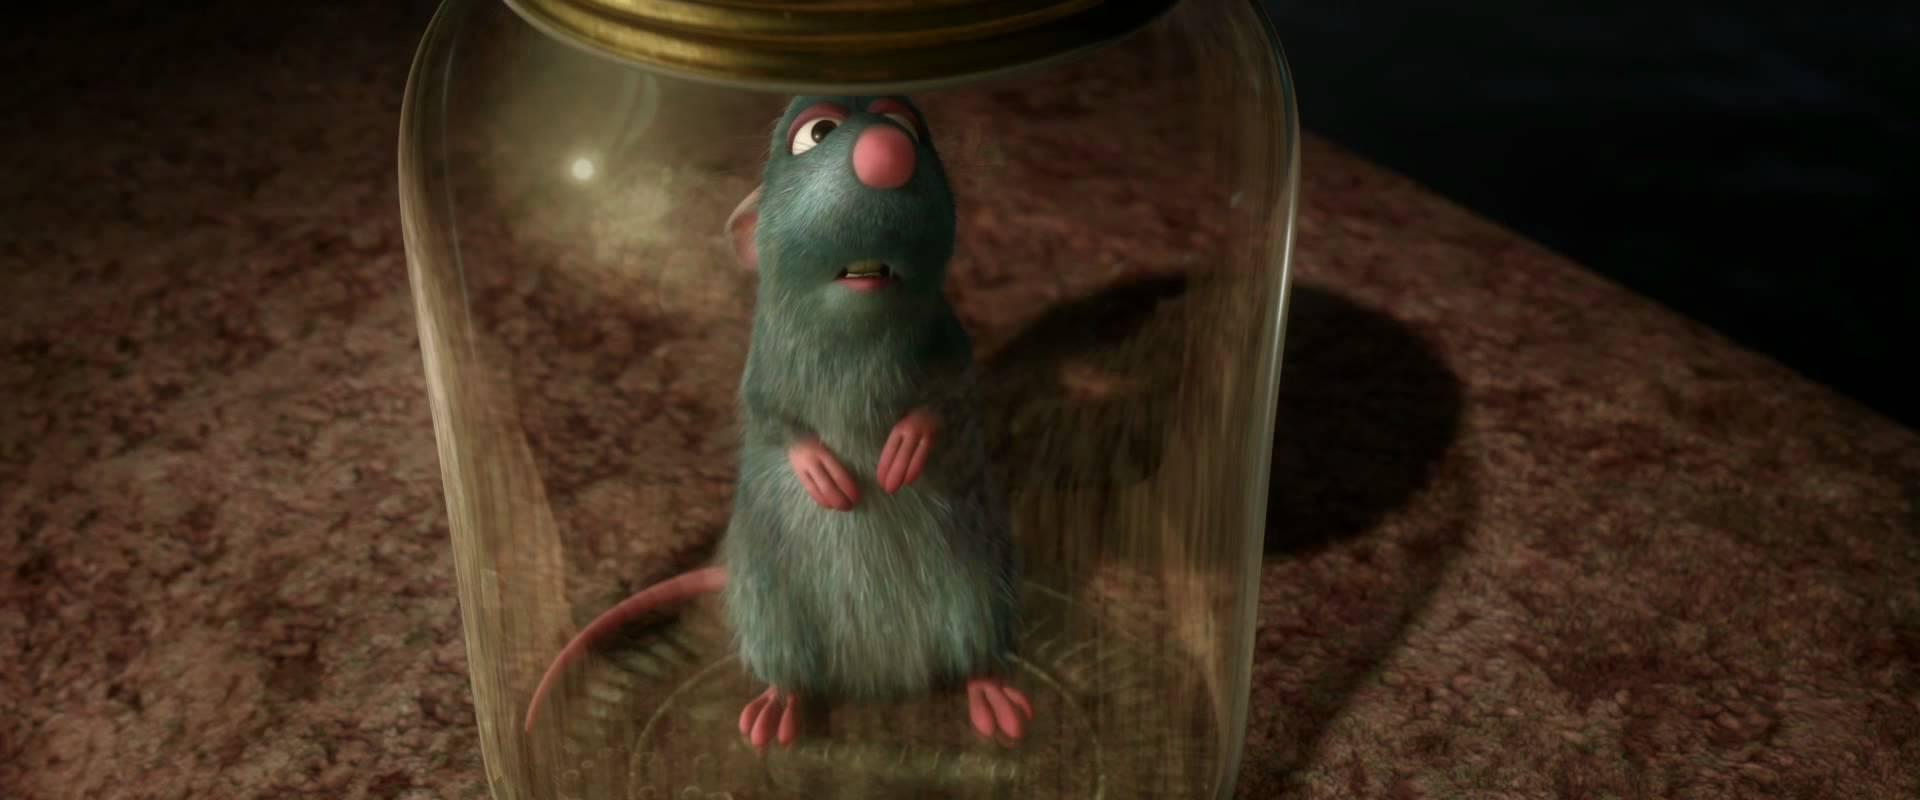 Жизнь в духоте уподобила лабораторную мышь голому землекопу